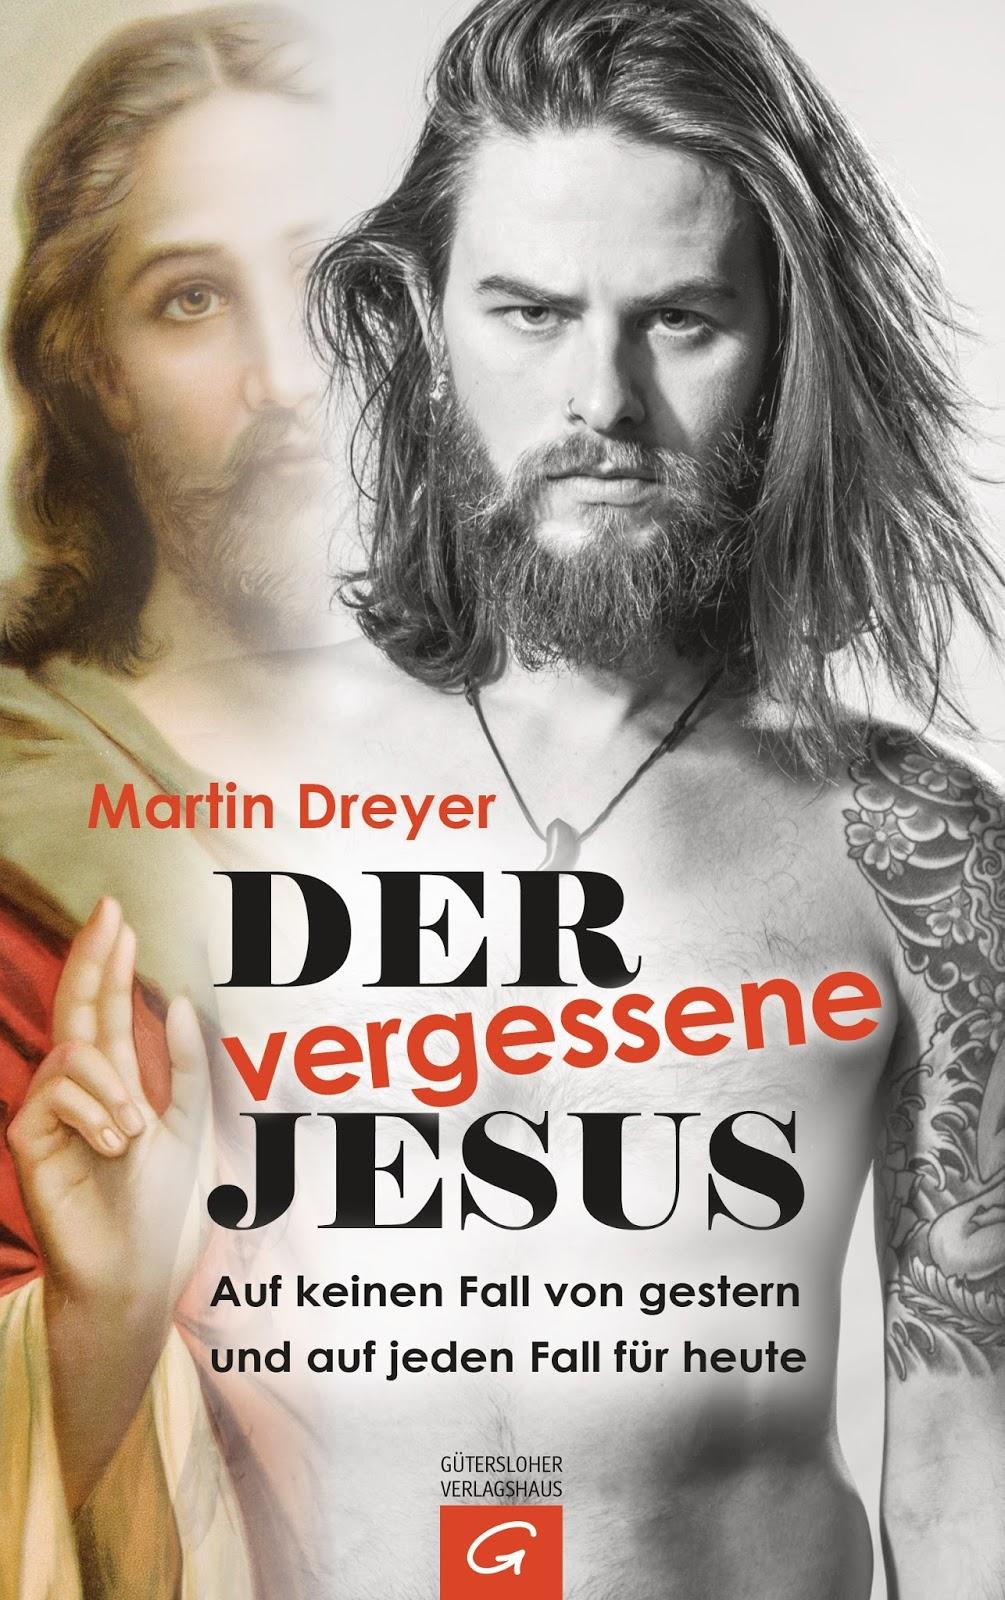 Der vergessene Jesus (Buchrezension)   Die Seilerseite.